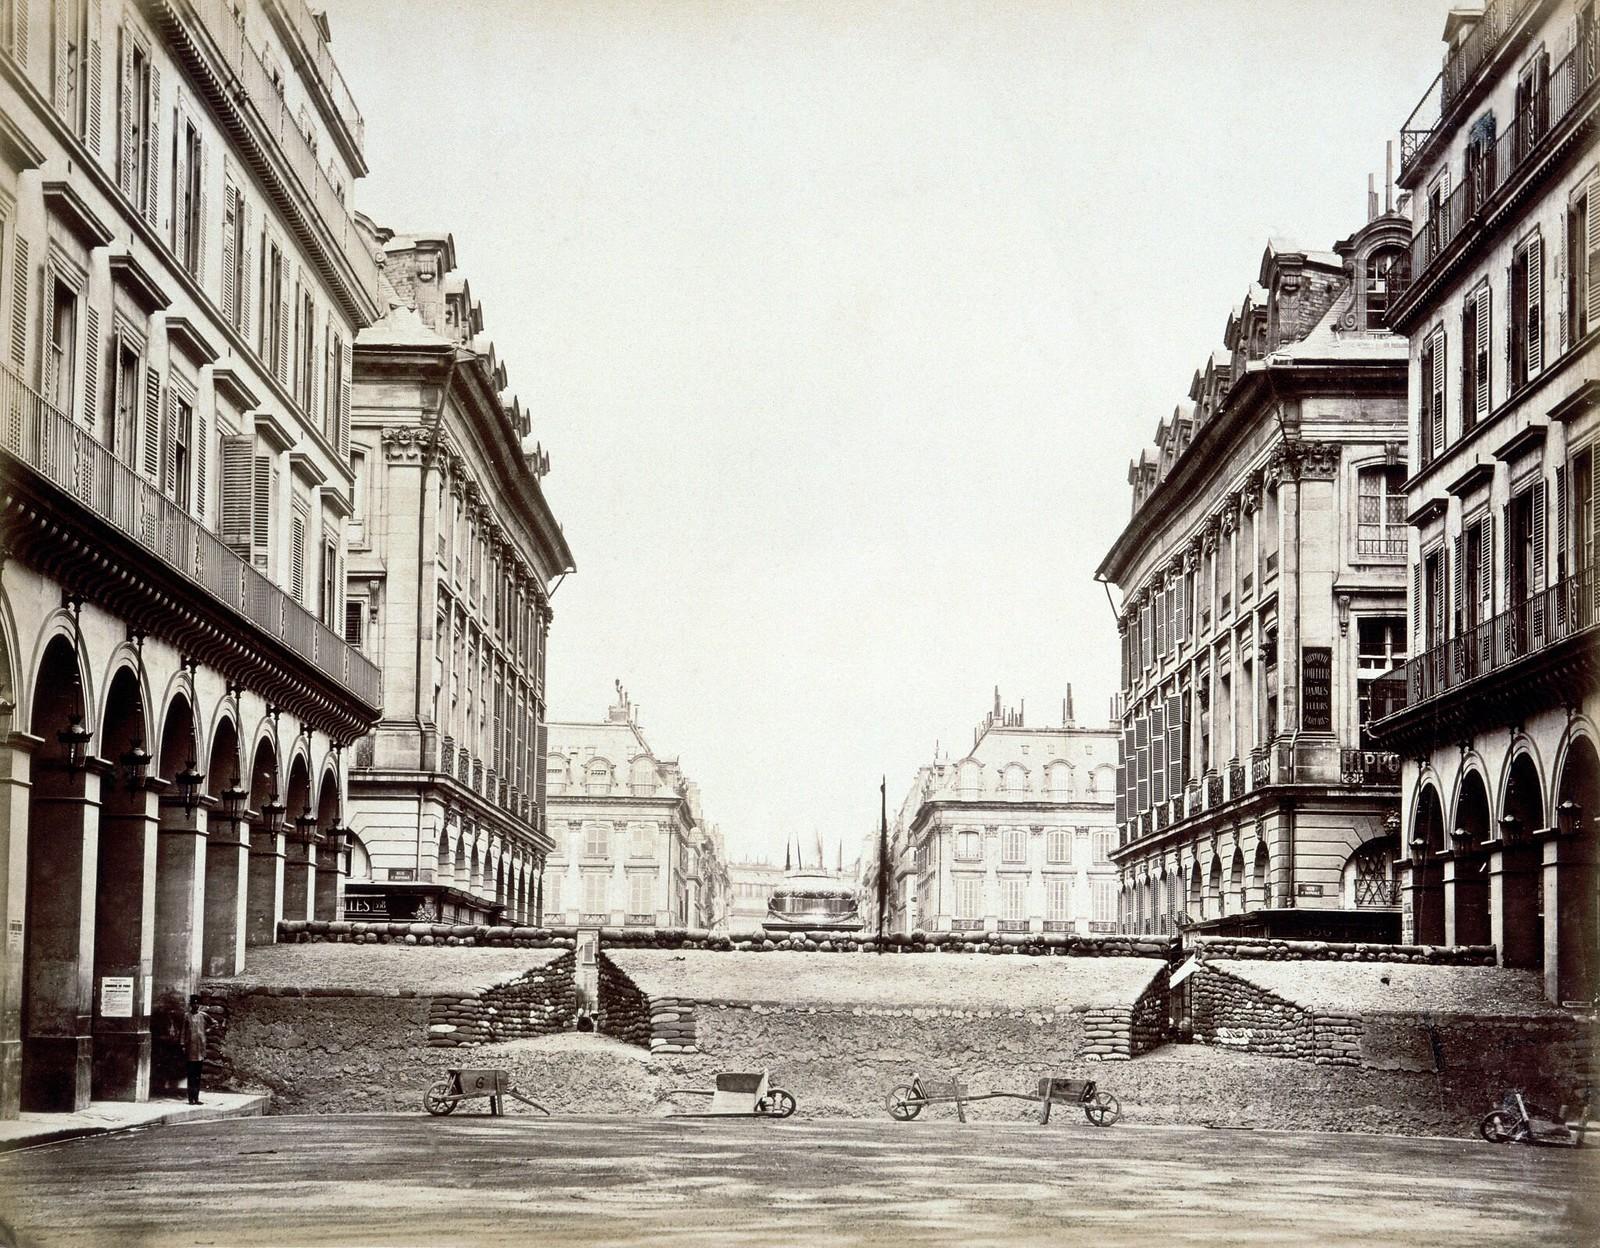 1871. Баррикада на улице Кастильоне, установленная коммунарами во время Парижской коммуны